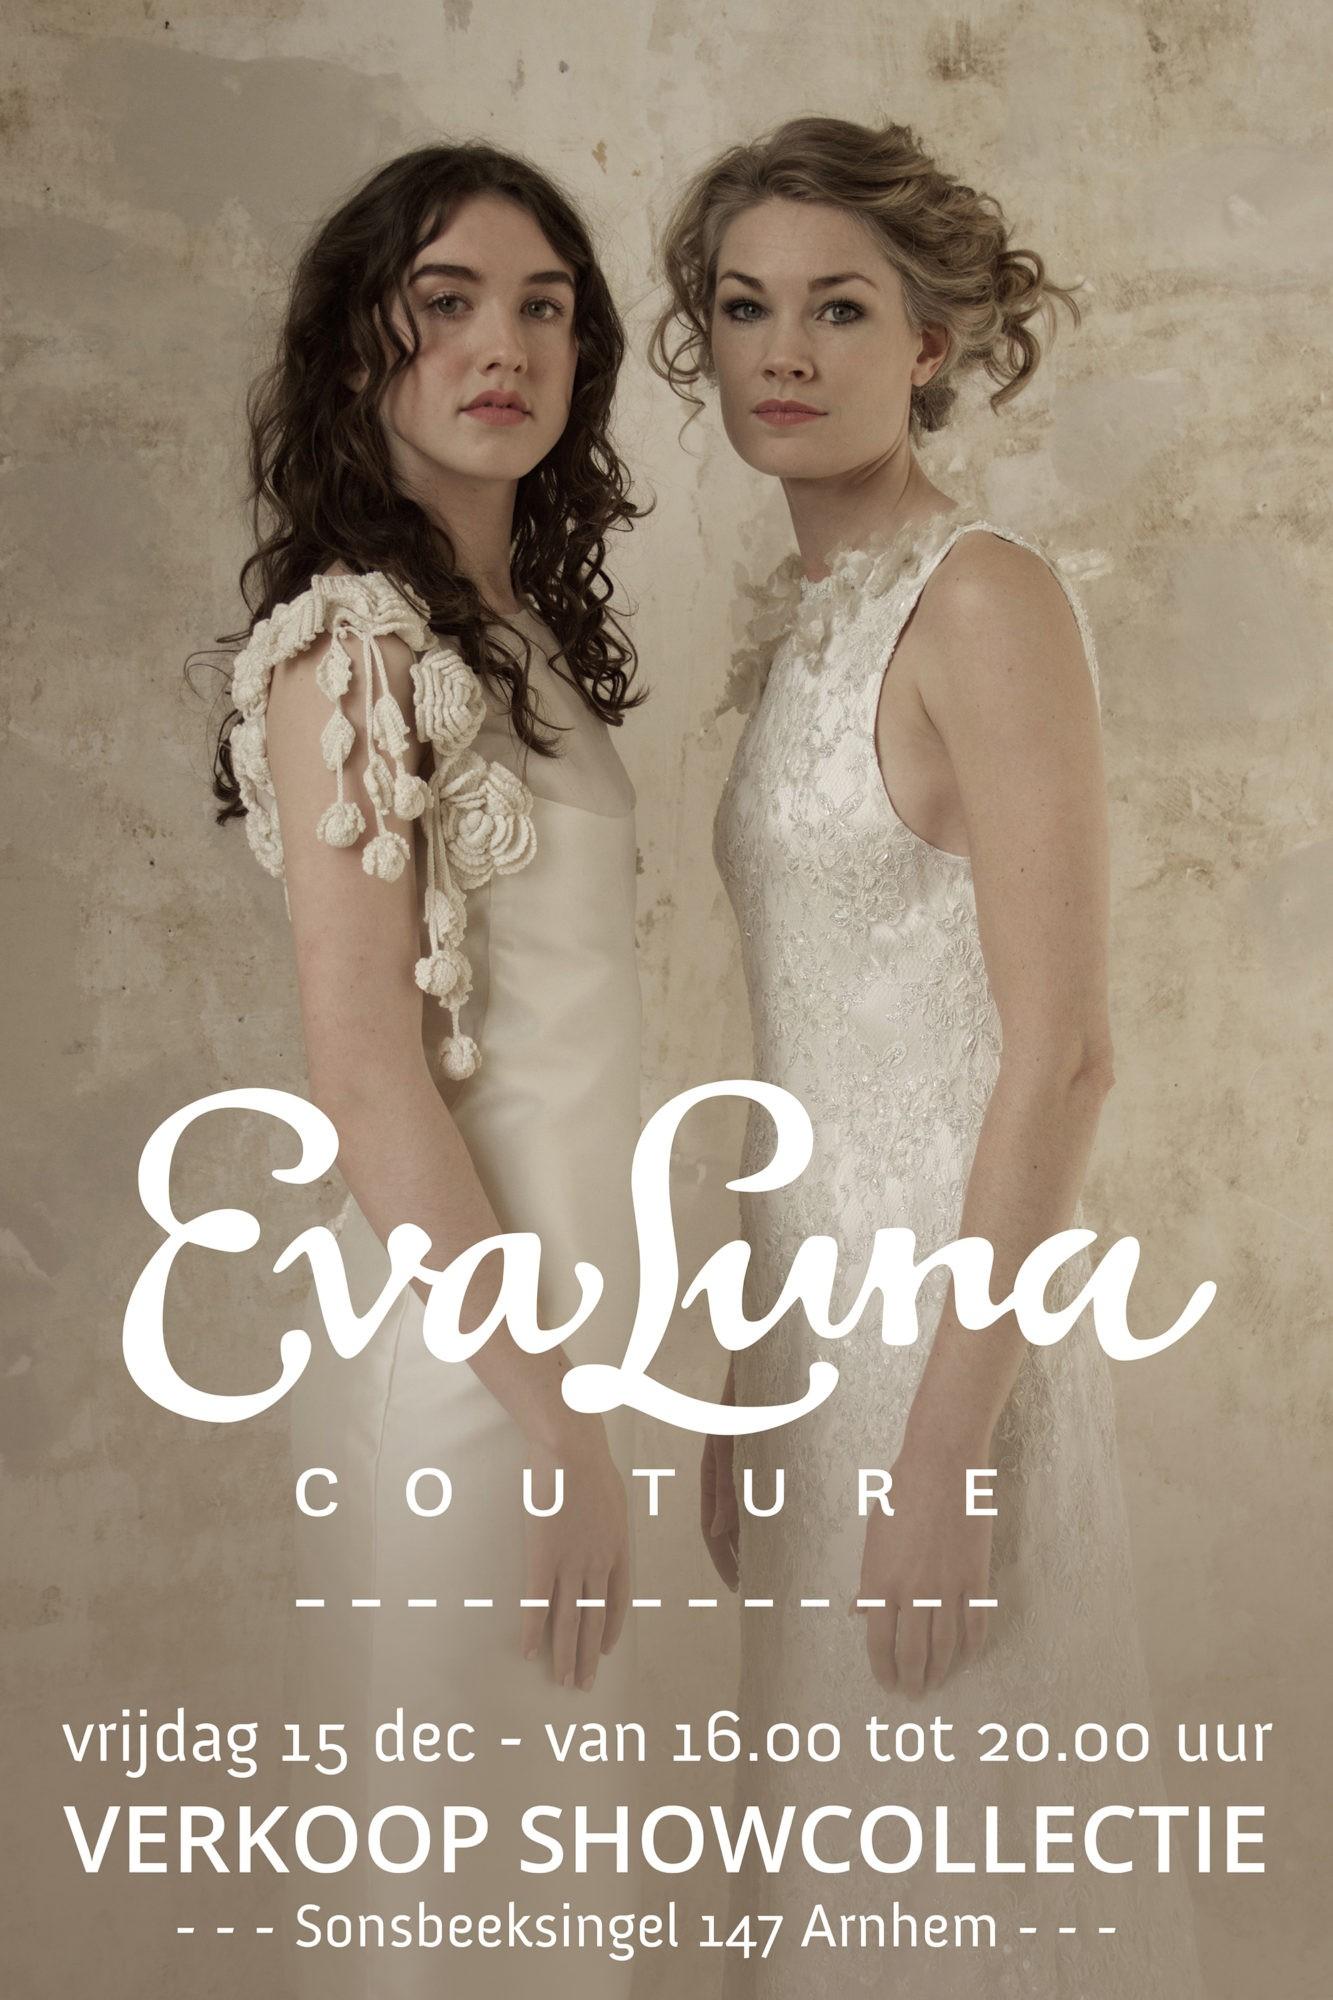 Eva Luna Couture